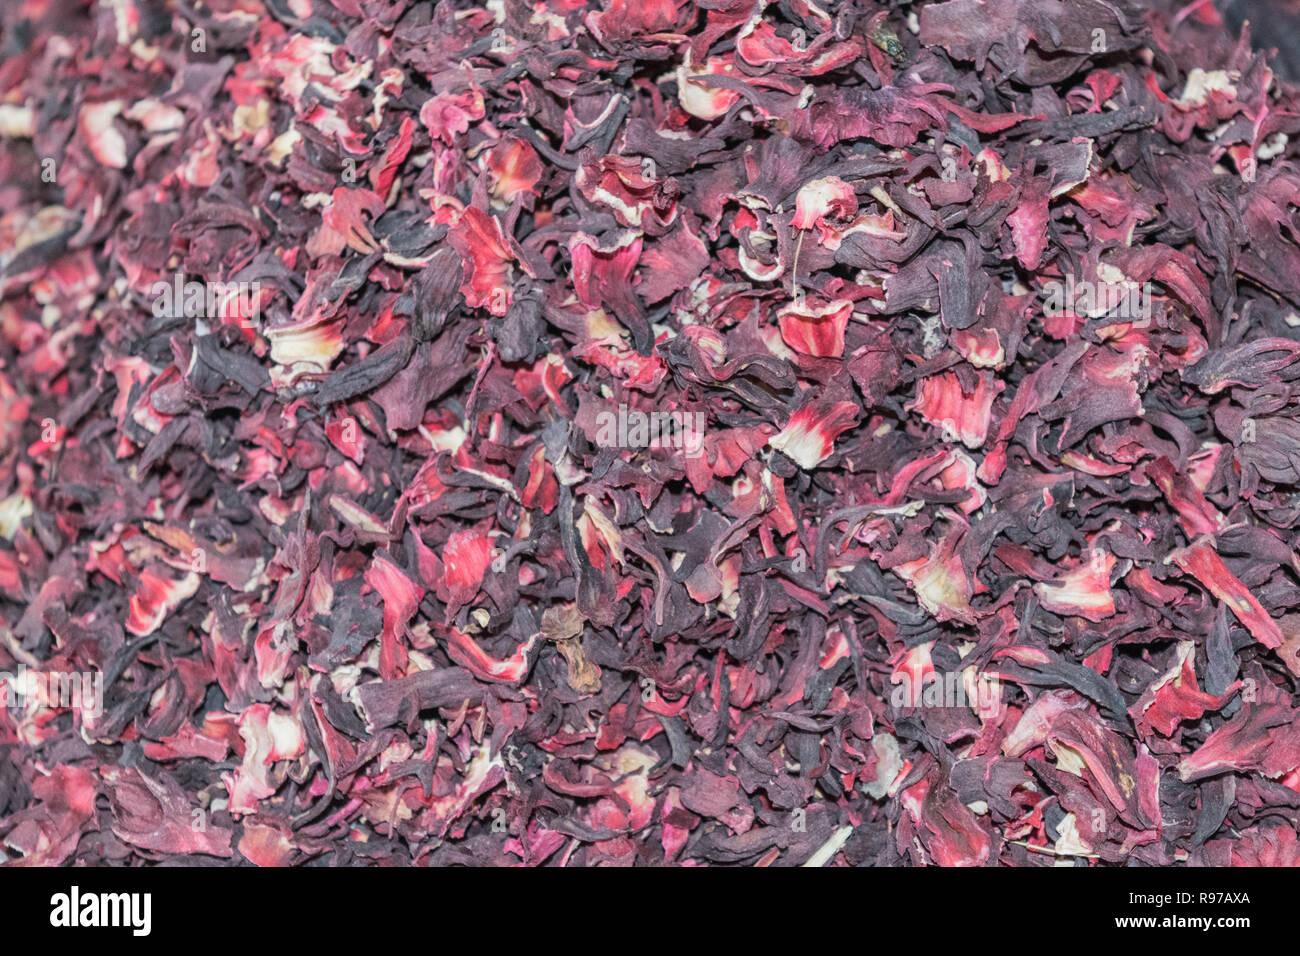 Edible Hibiscus Flowers Stock Photos Edible Hibiscus Flowers Stock